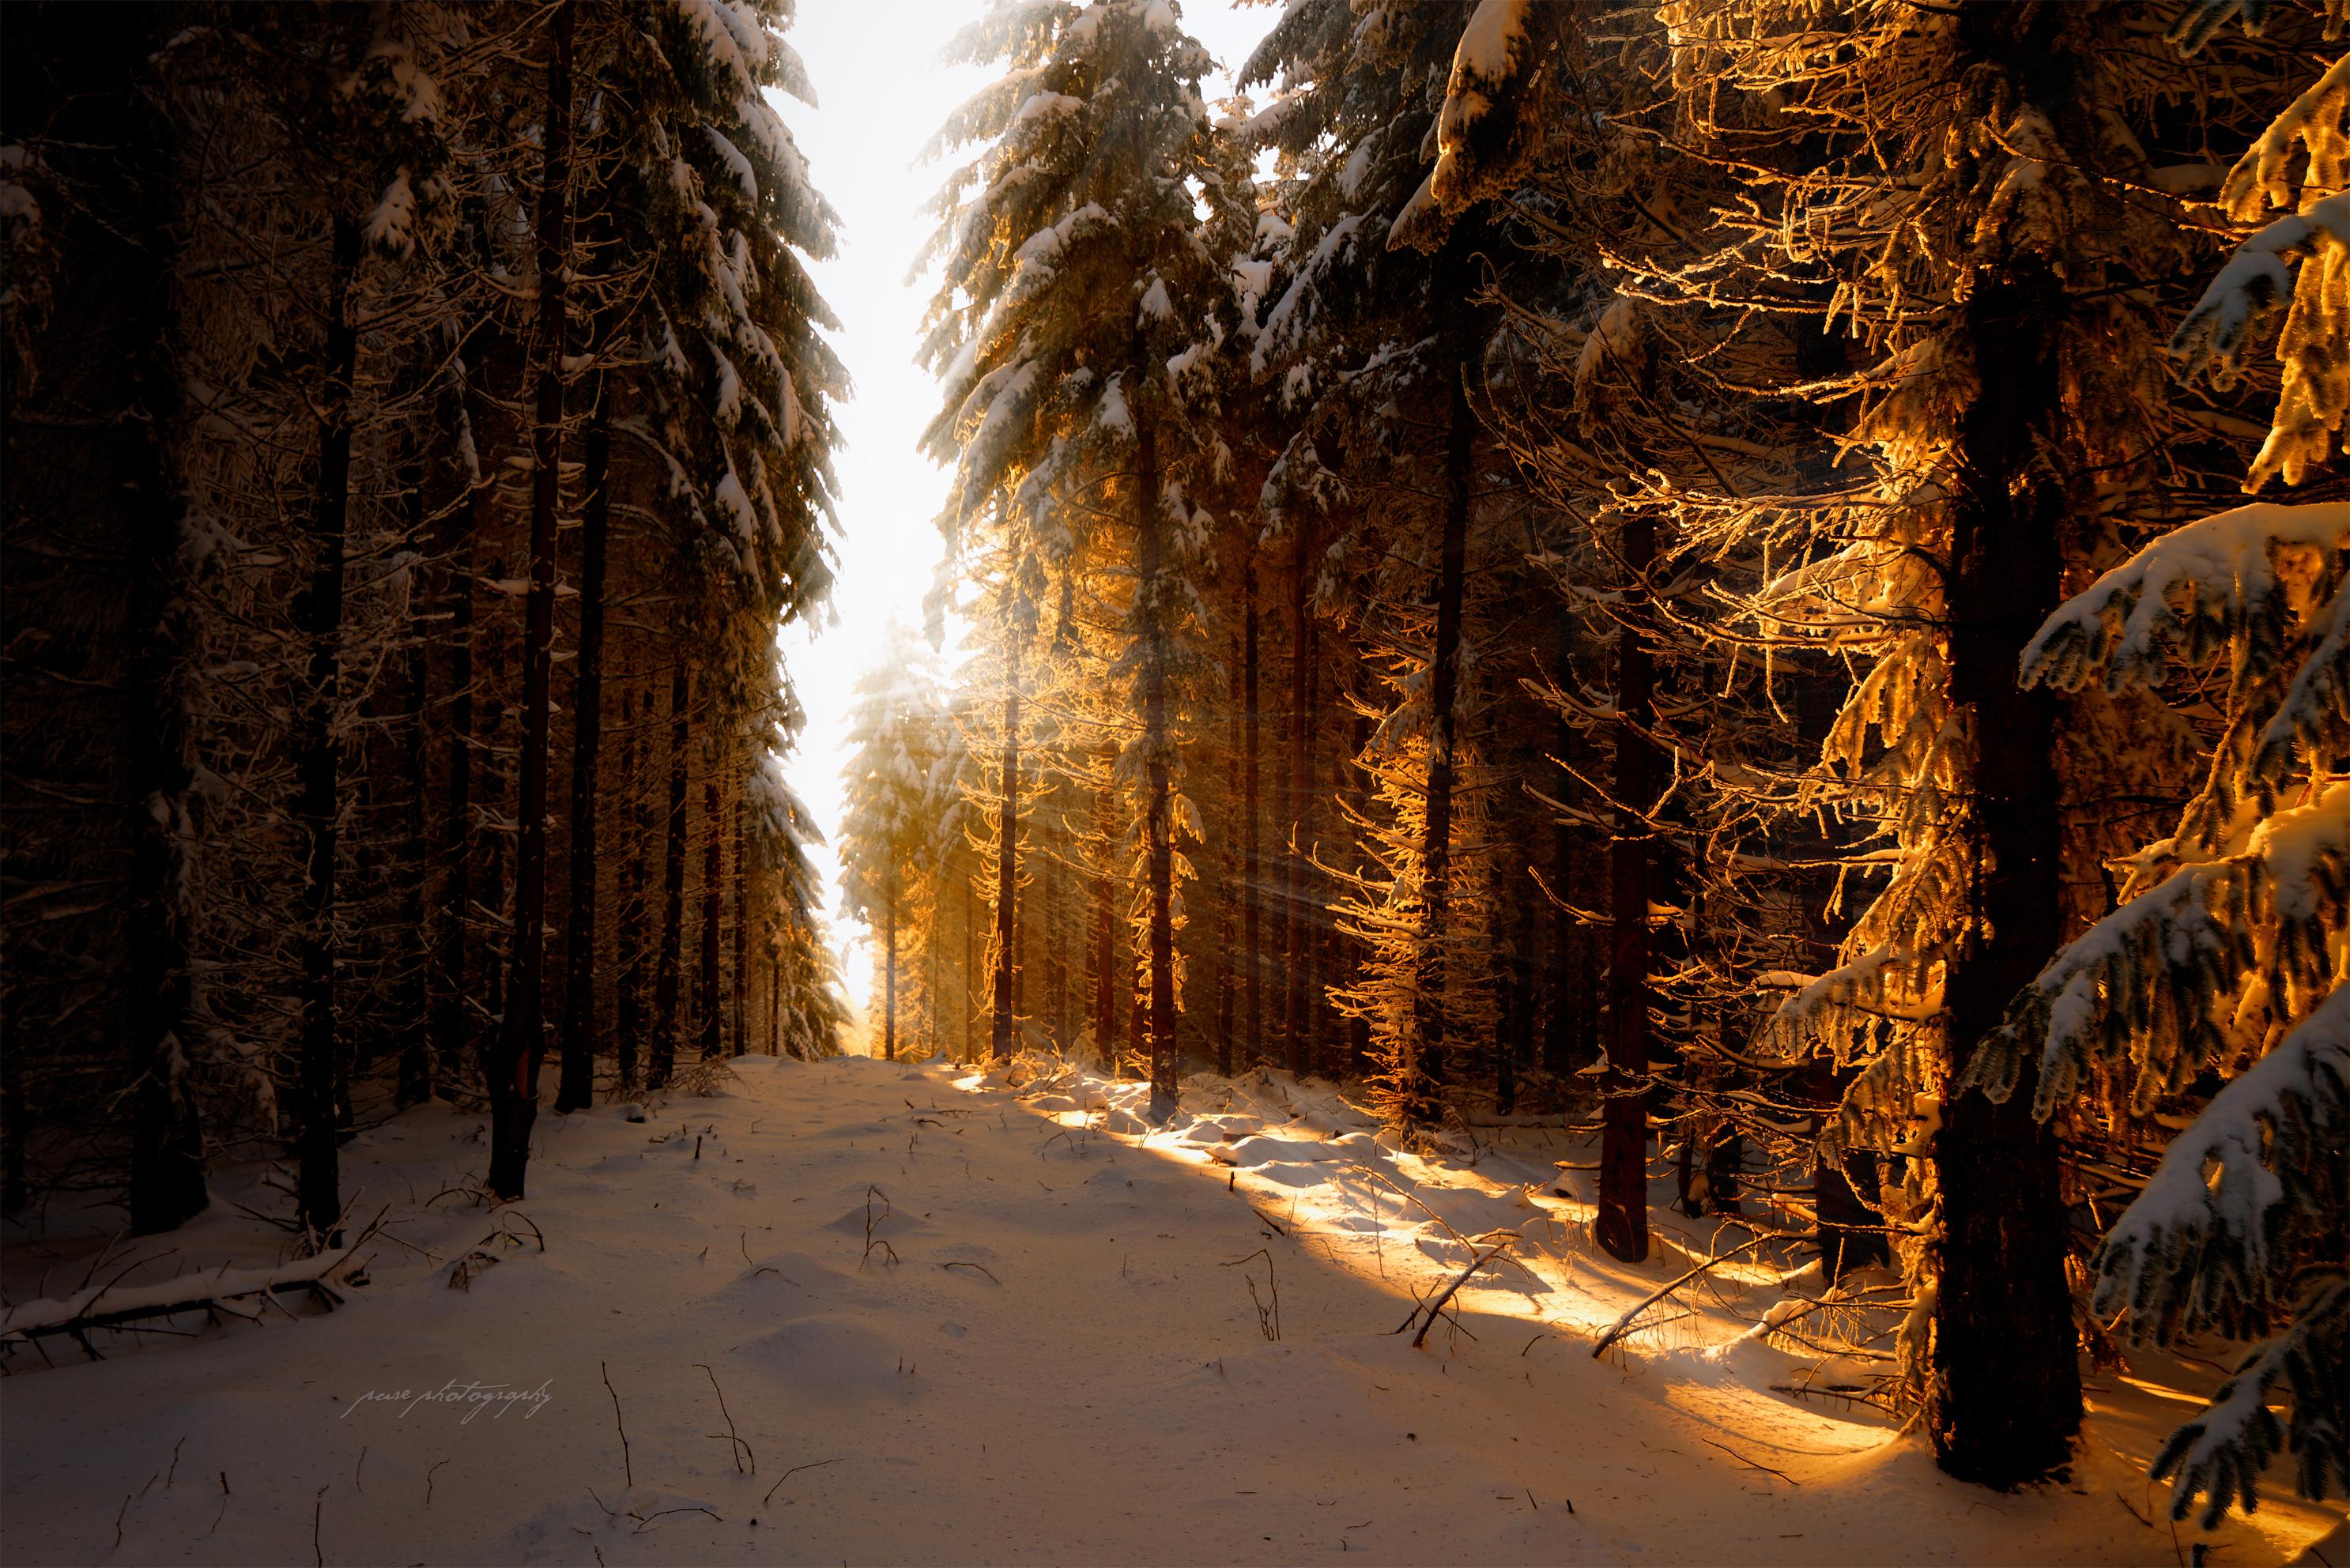 снег зима лучи деревья snow winter rays trees загрузить